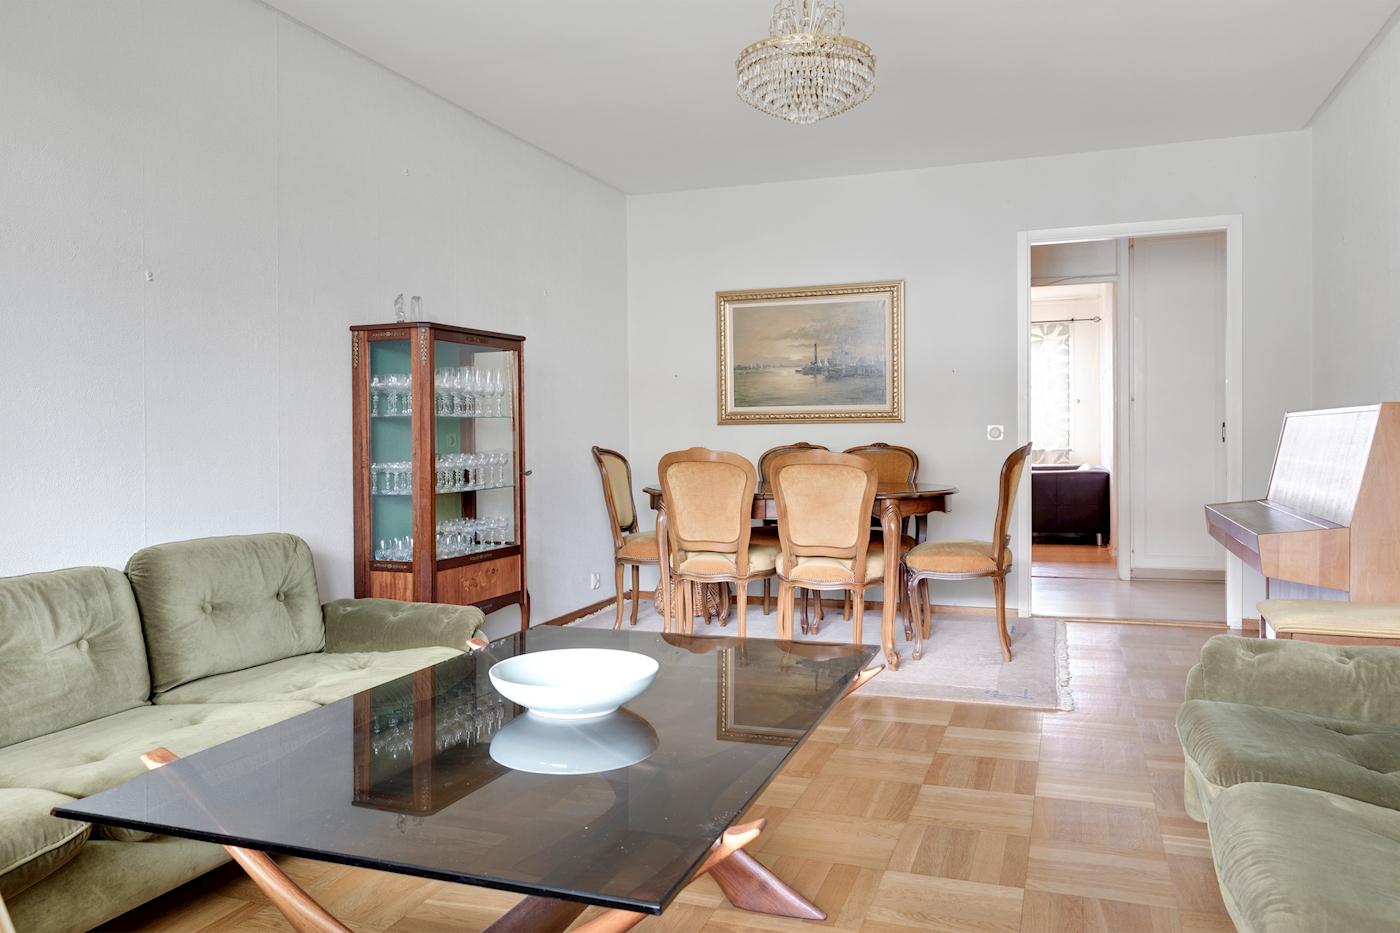 Luftigt vardagsrum med originalparkett.